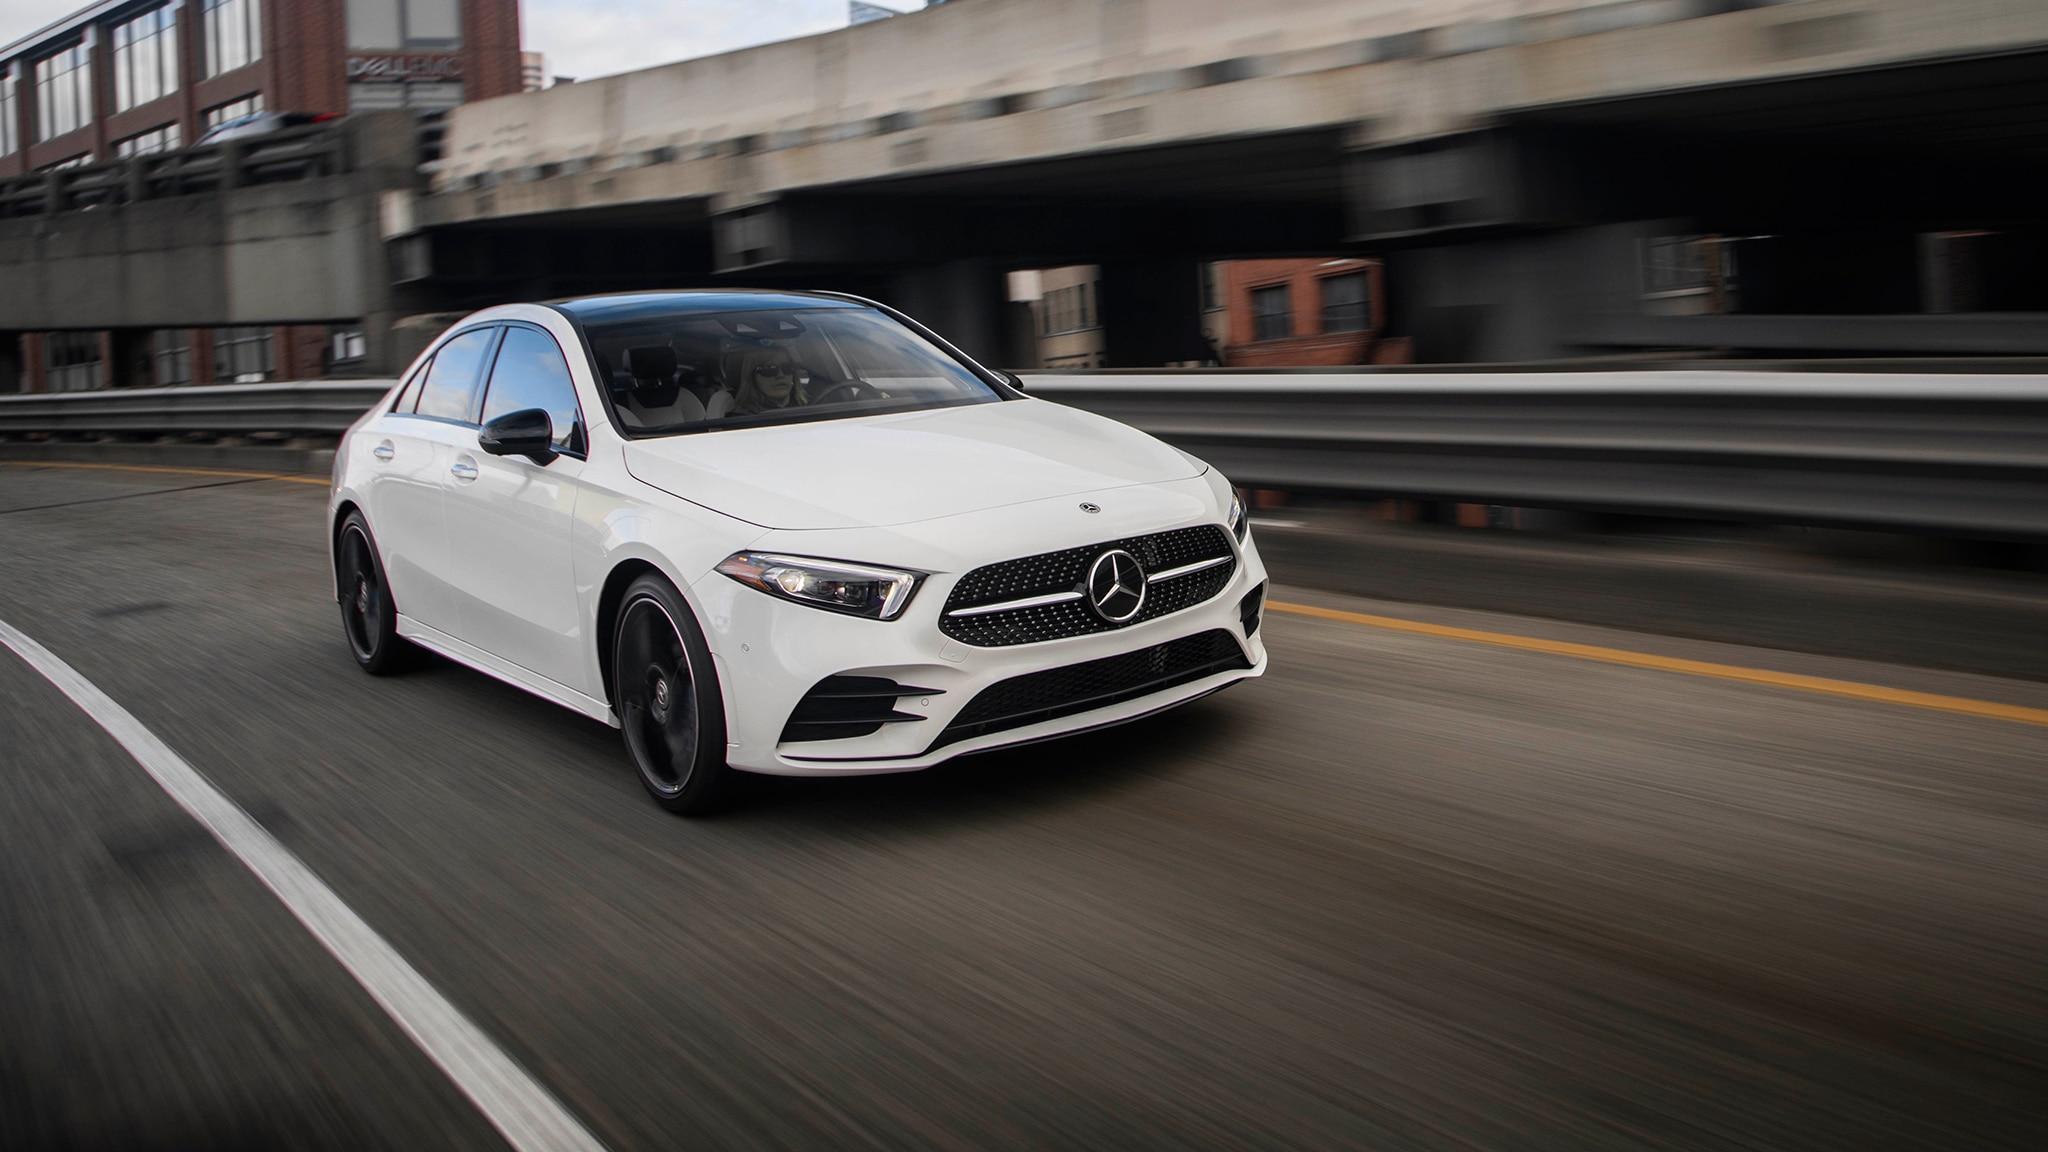 2019 Mercedes-Benz A-class: How I'd Spec It | Automobile